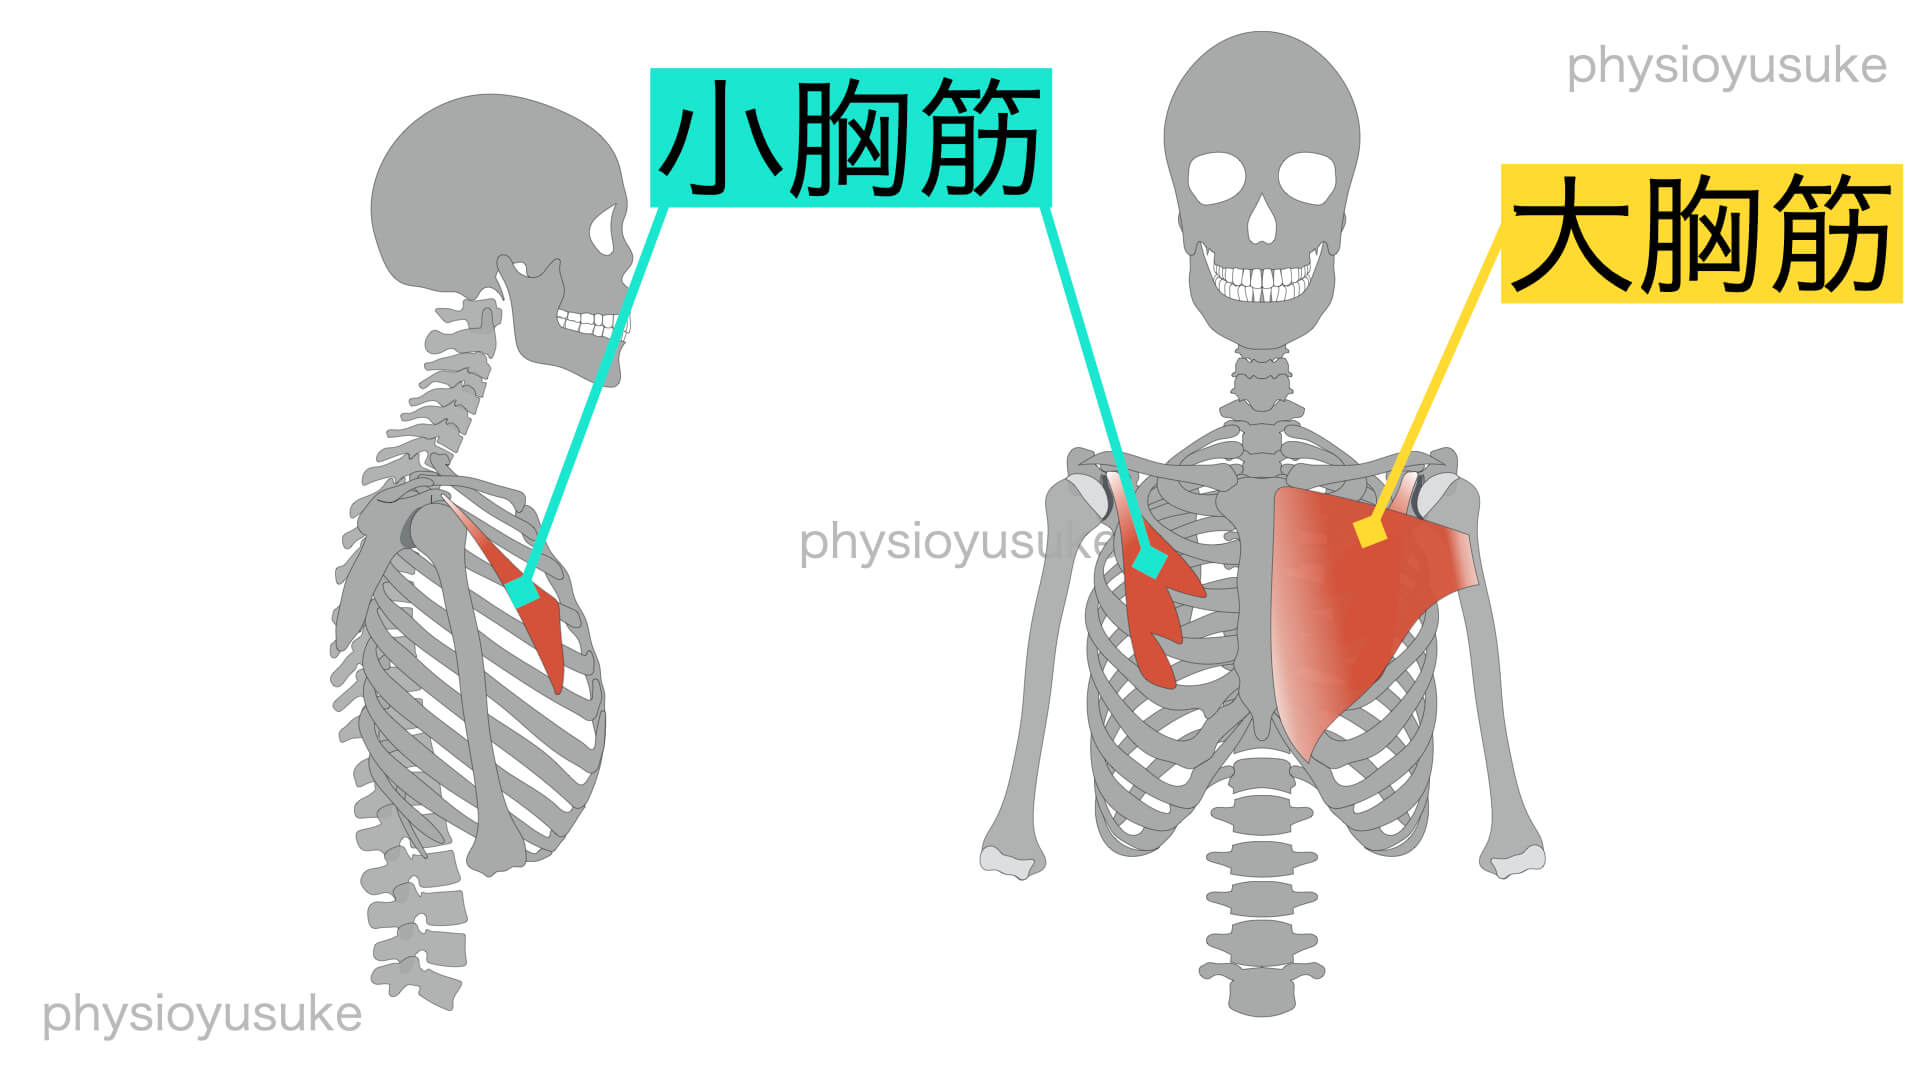 巻き肩、小胸筋、大胸筋